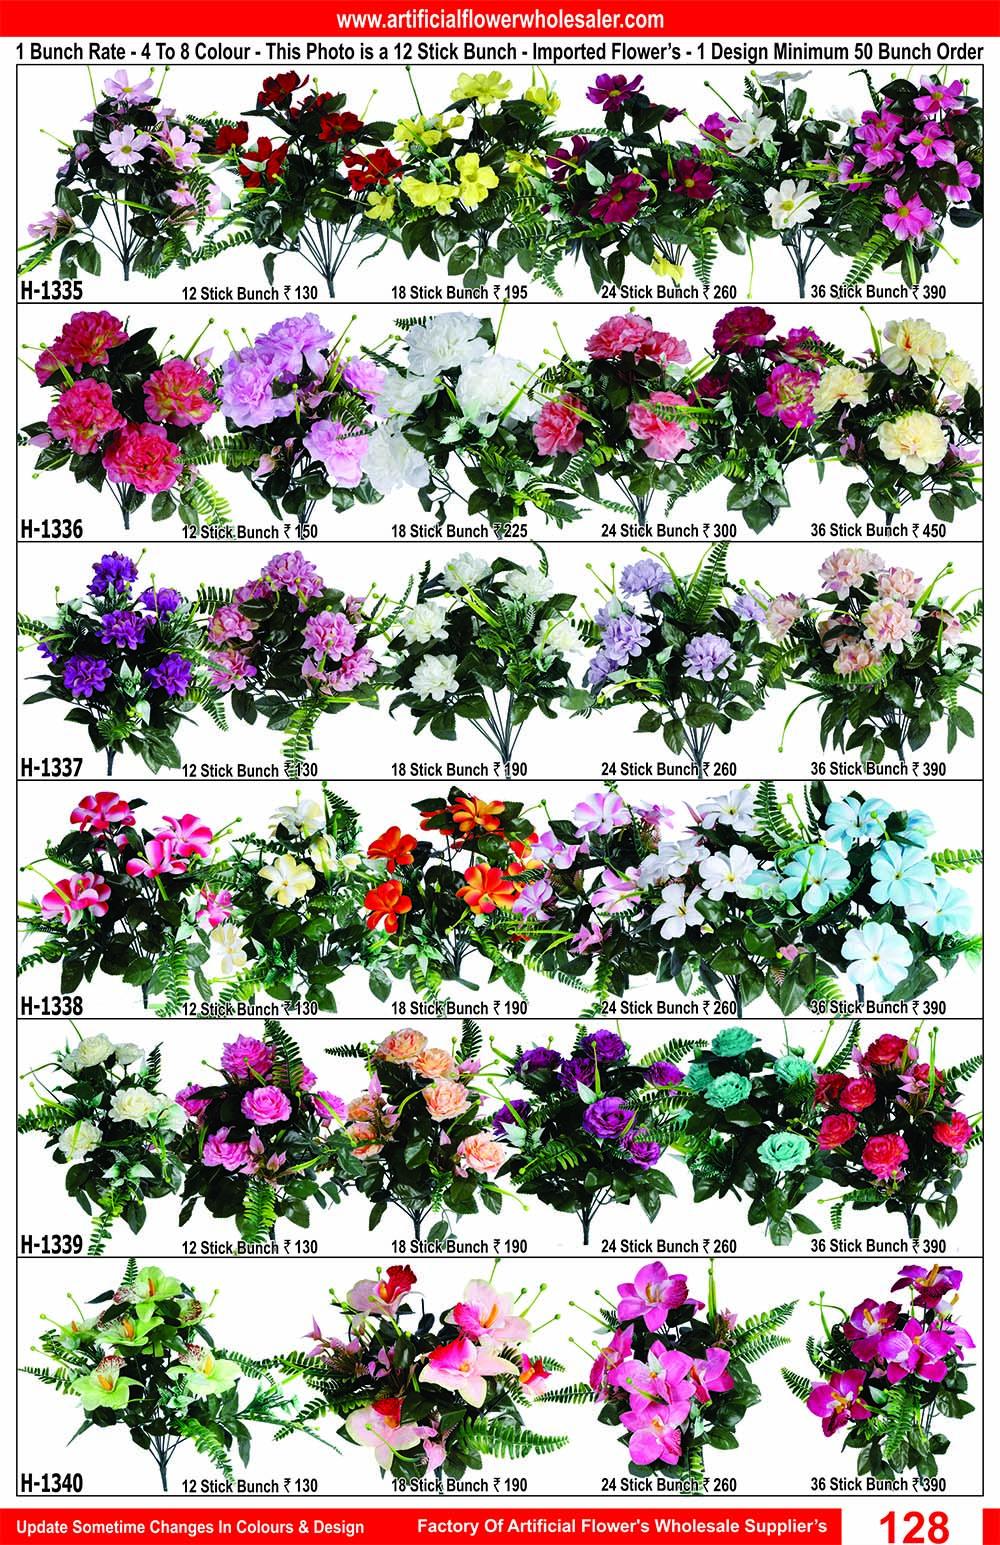 128-artificial-flower-wholesaler